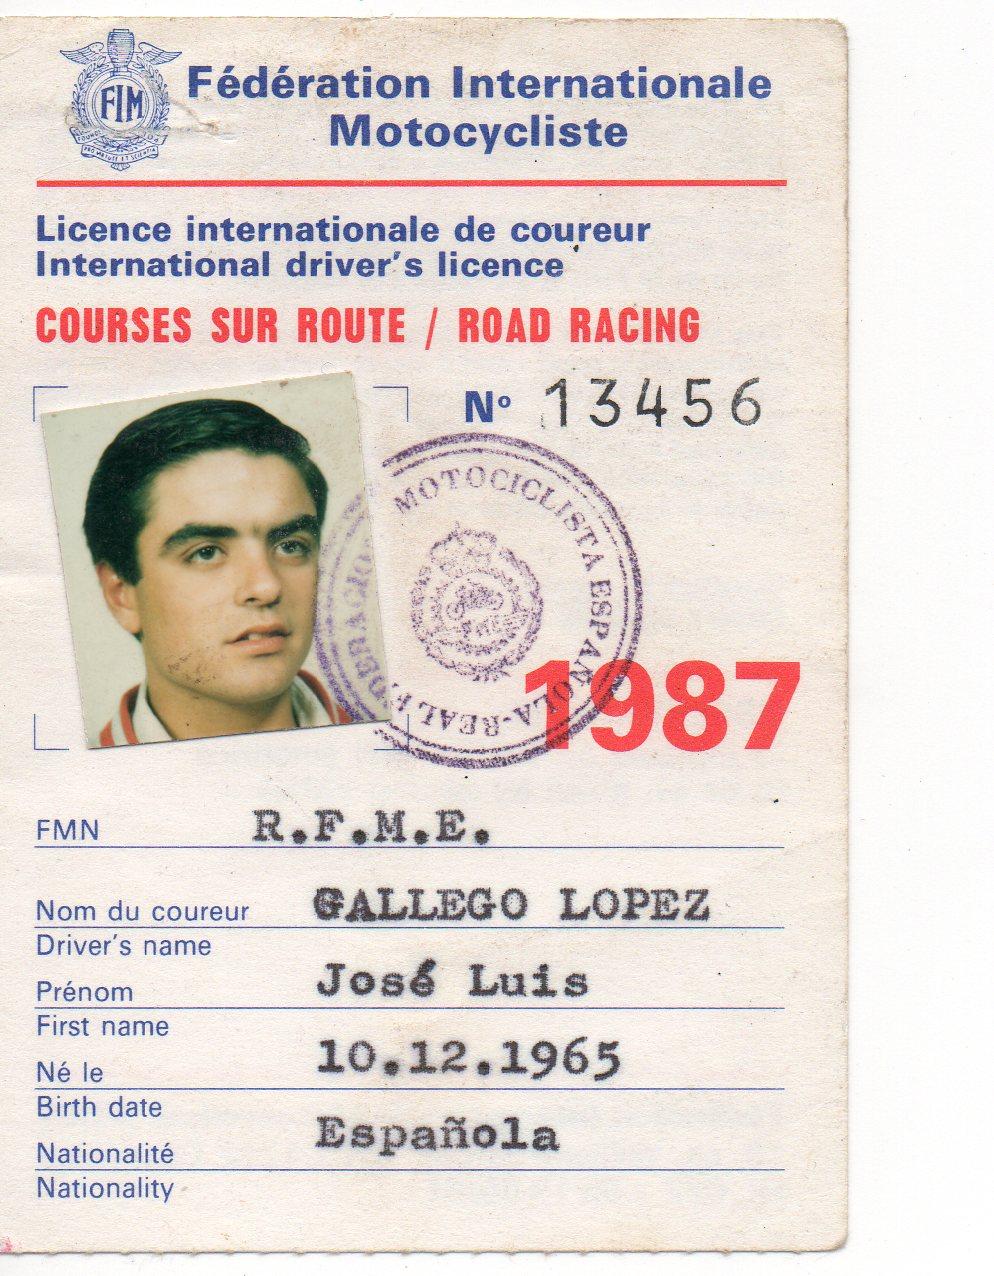 gilera - Antiguos pilotos: José Luis Gallego (V) 2lj52eq